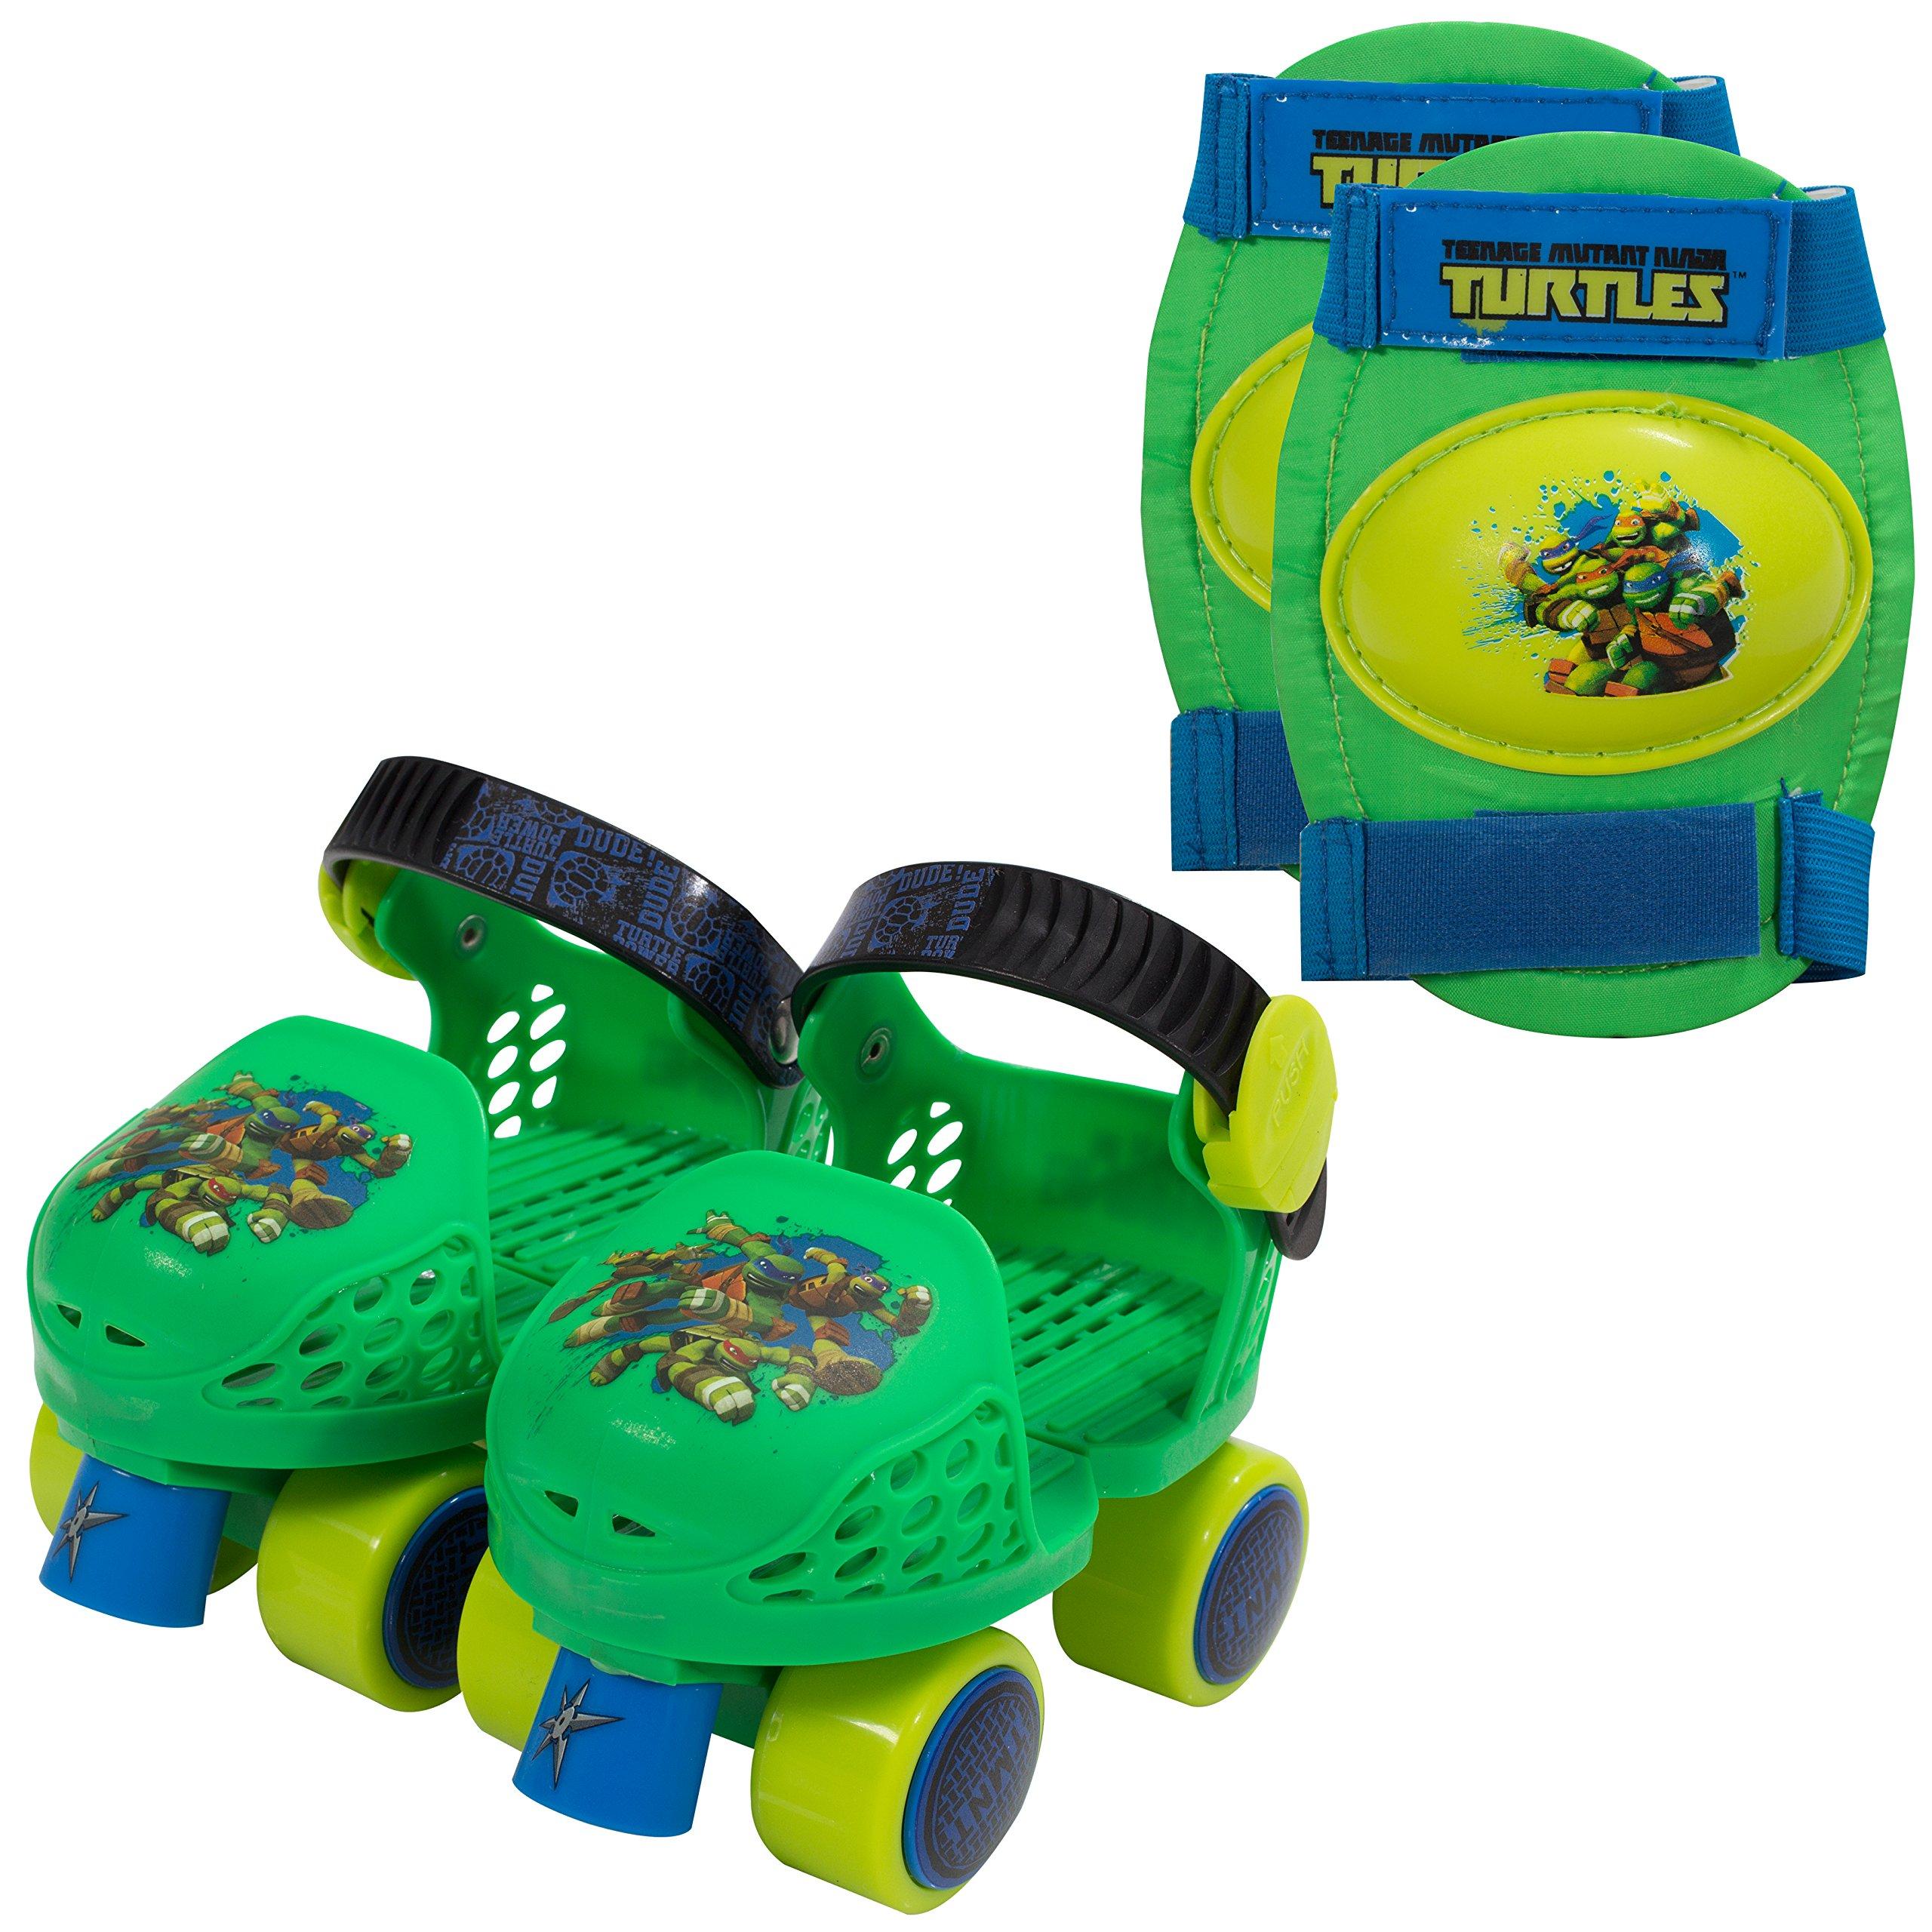 PlayWheels Teenage Mutant Ninja Turtles Roller Skates with Knee Pads, Junior Size 6-12